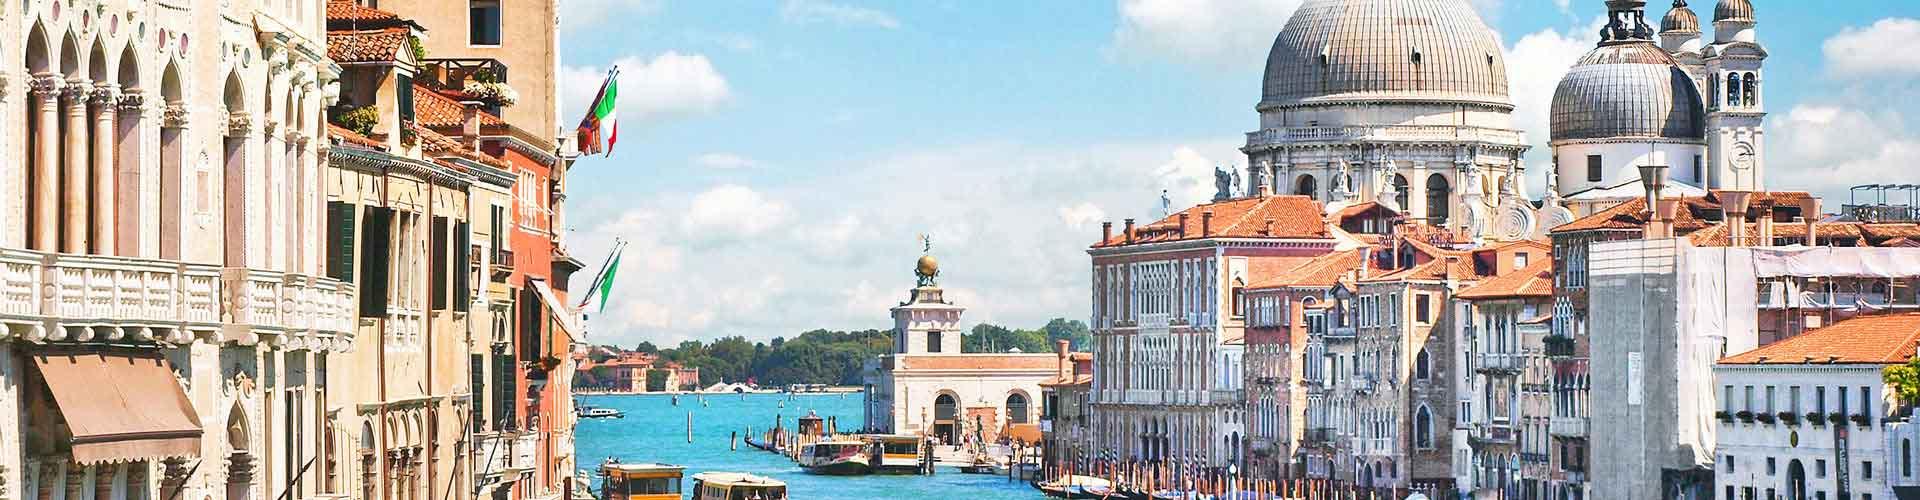 Venecia - Hostales cerca a Frari. Mapas de Venecia, Fotos y comentarios de cada Hostal en Venecia.